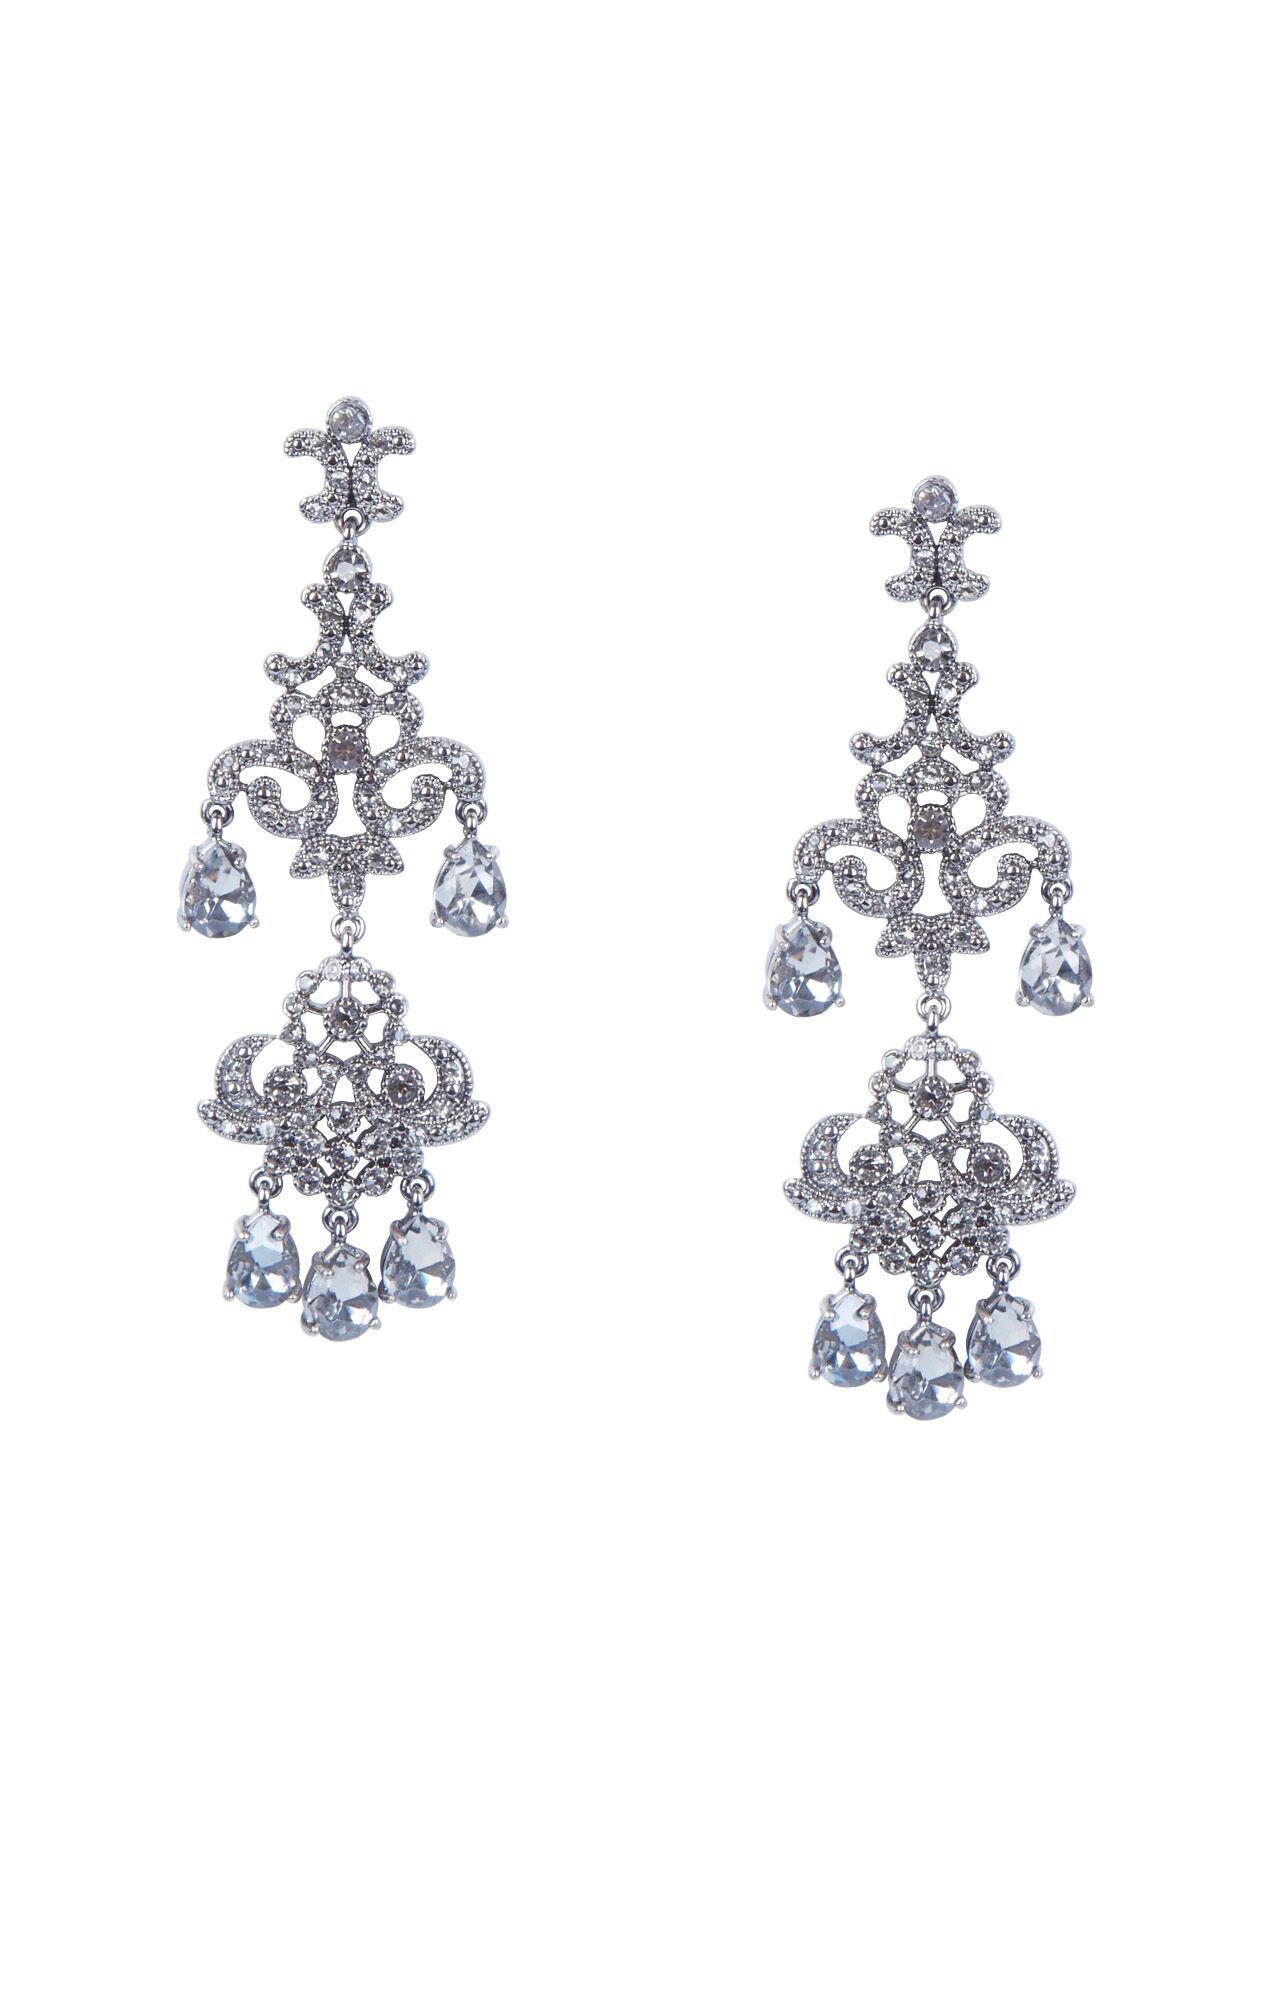 Teardrop Stone Chandelier Earrings Hover To Zoom